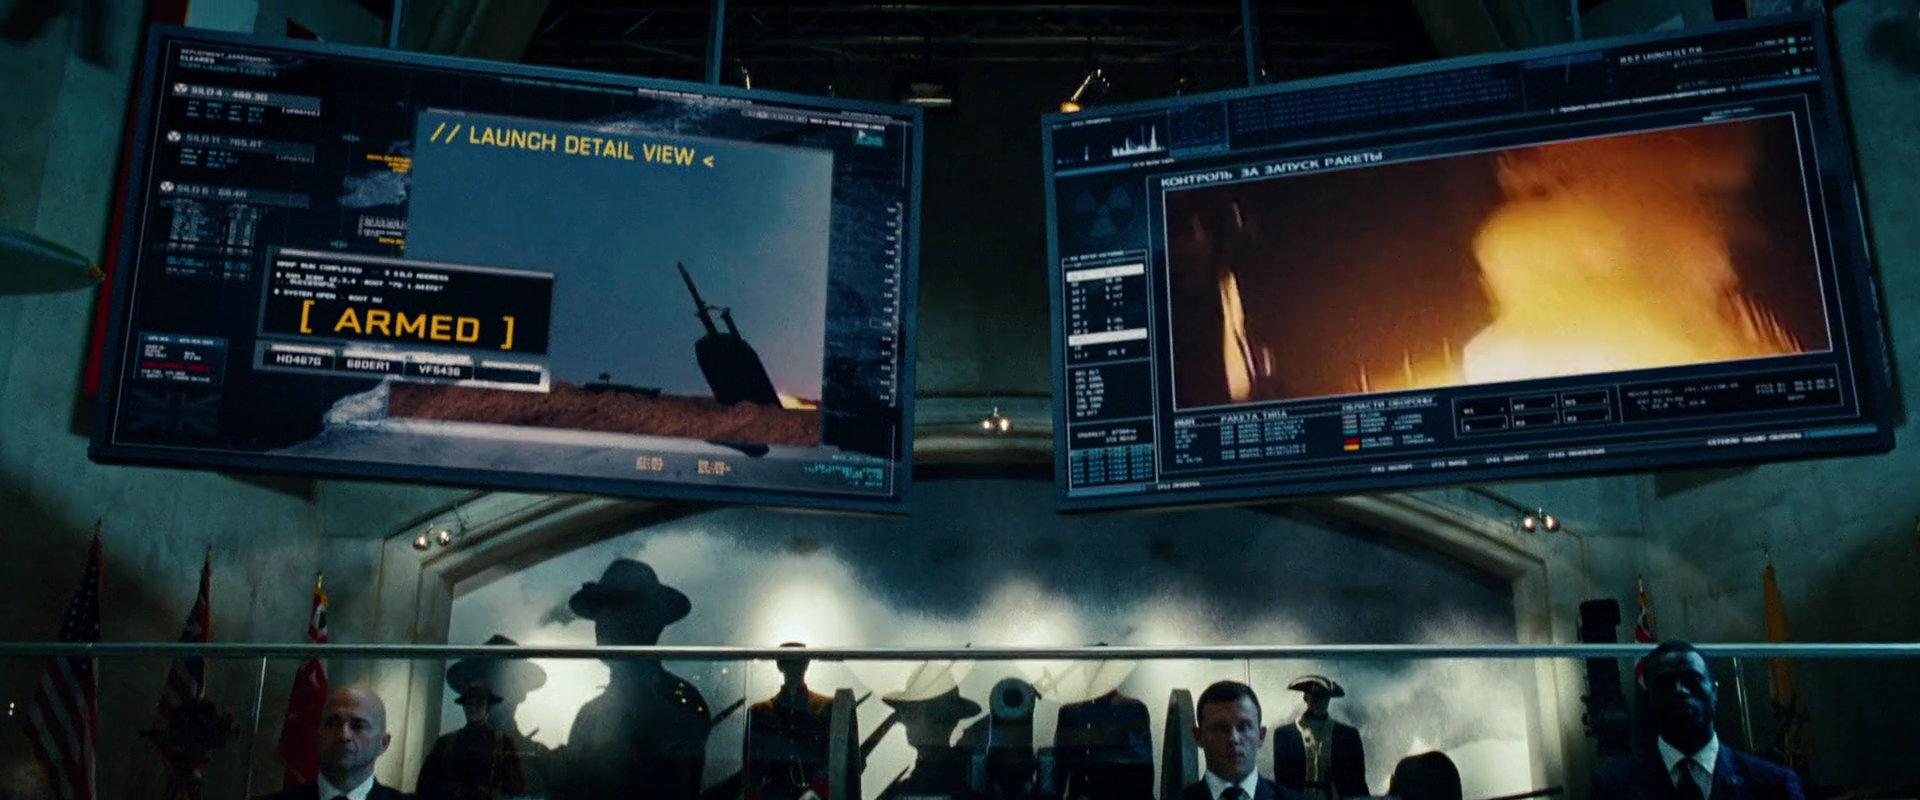 Сканер nmap как главный инструмент кино-хакеров - 19